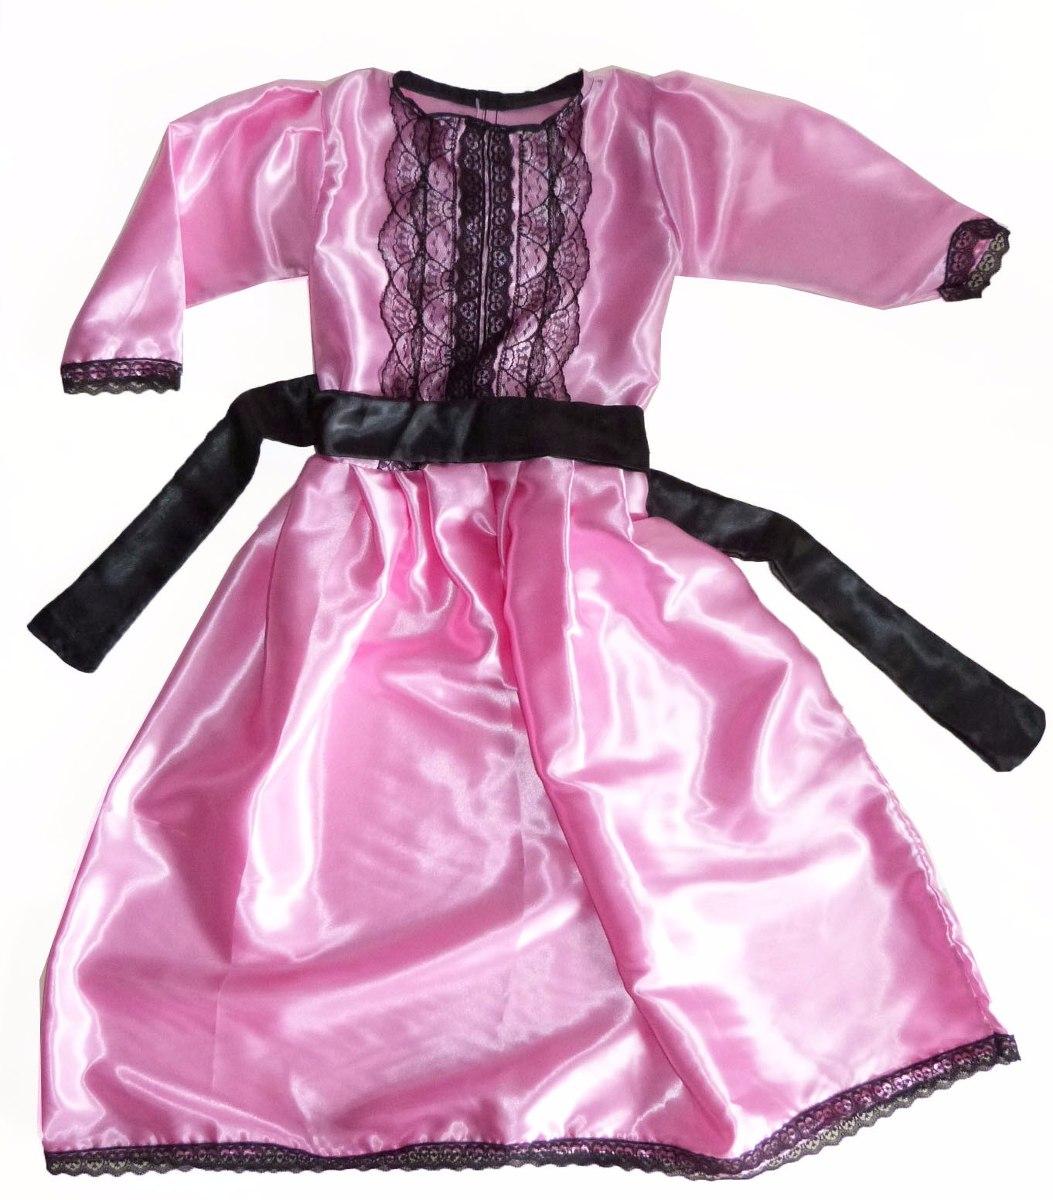 Disfraz Dama Antigua Vestido Nena Patrio - $ 990,00 en Mercado Libre